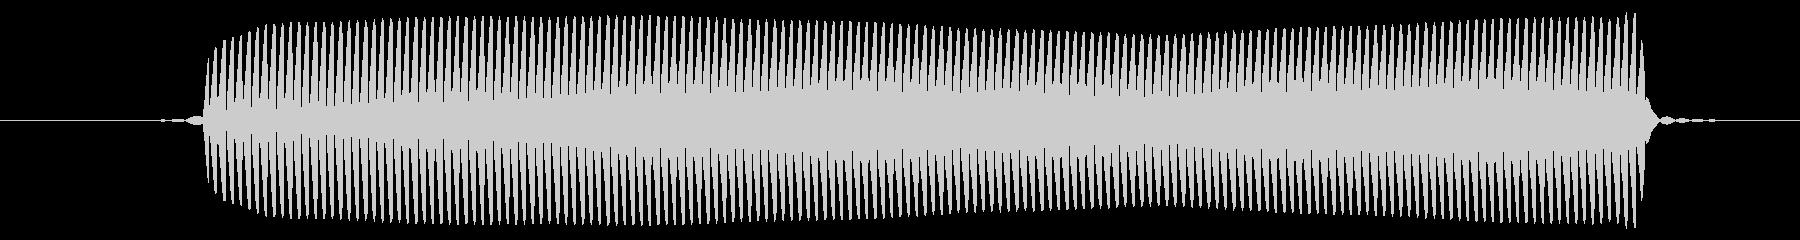 ピッ/選択音/8ビットの未再生の波形